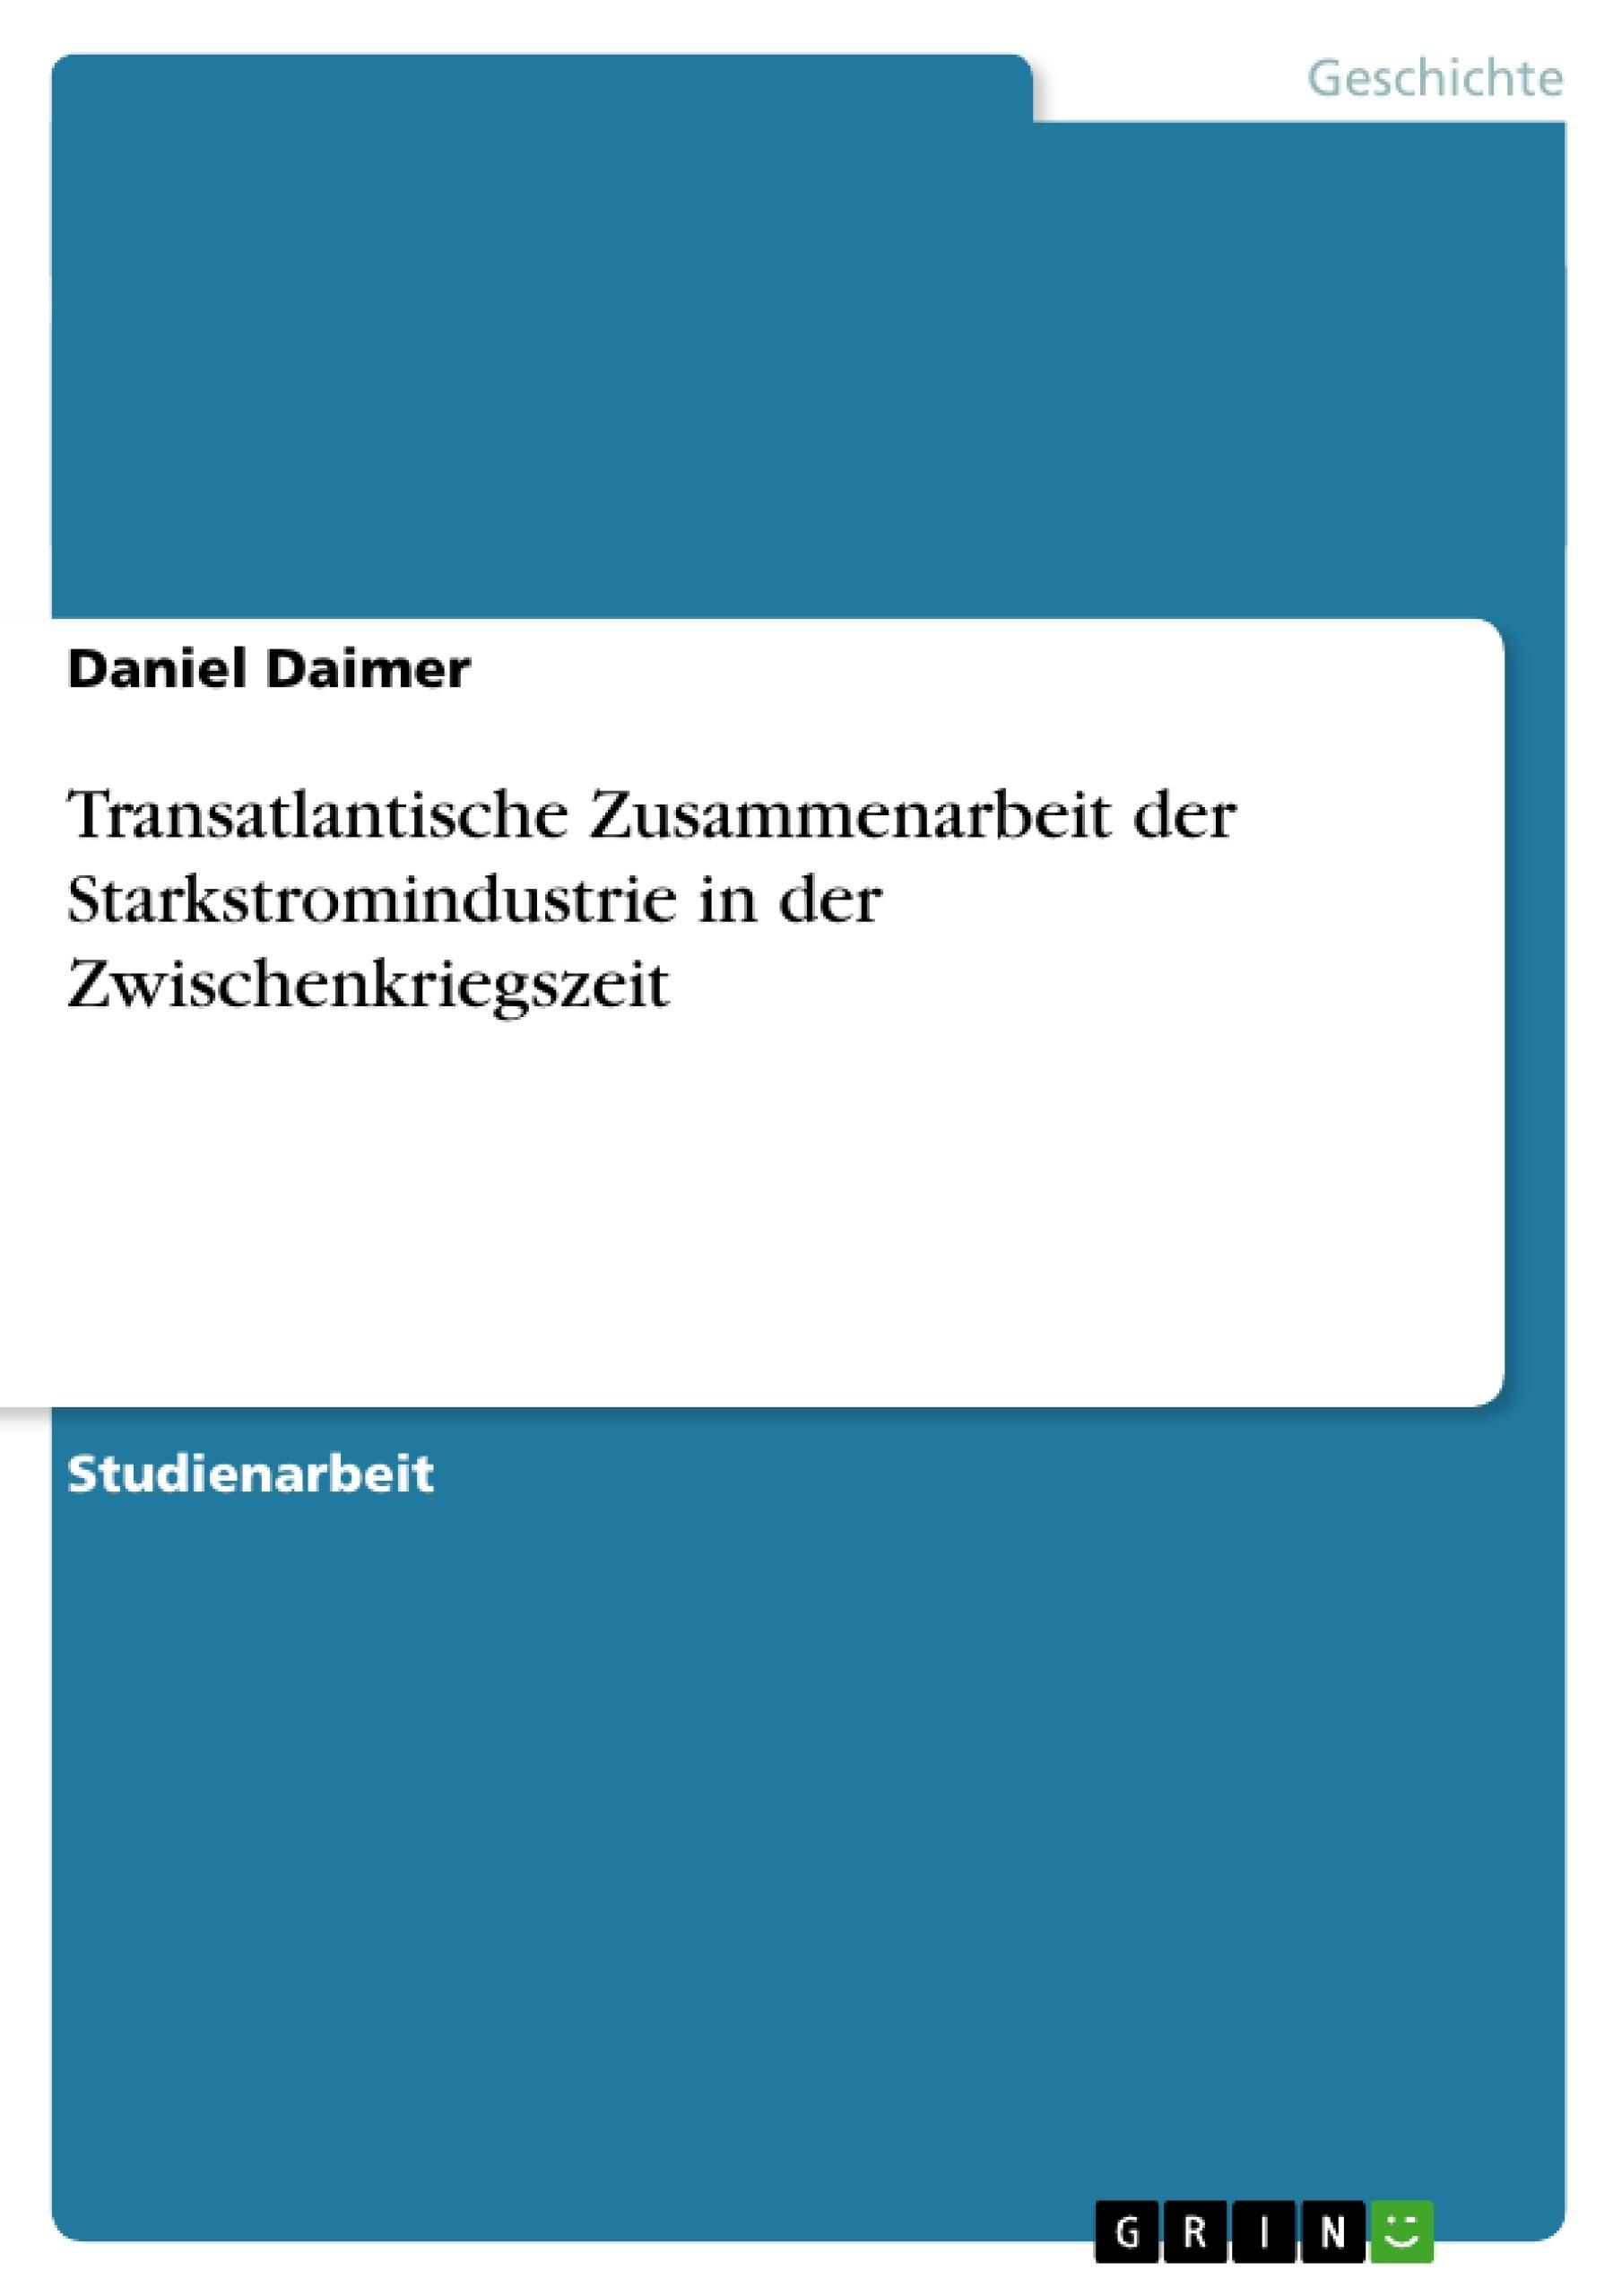 Titel: Transatlantische Zusammenarbeit der Starkstromindustrie in der Zwischenkriegszeit